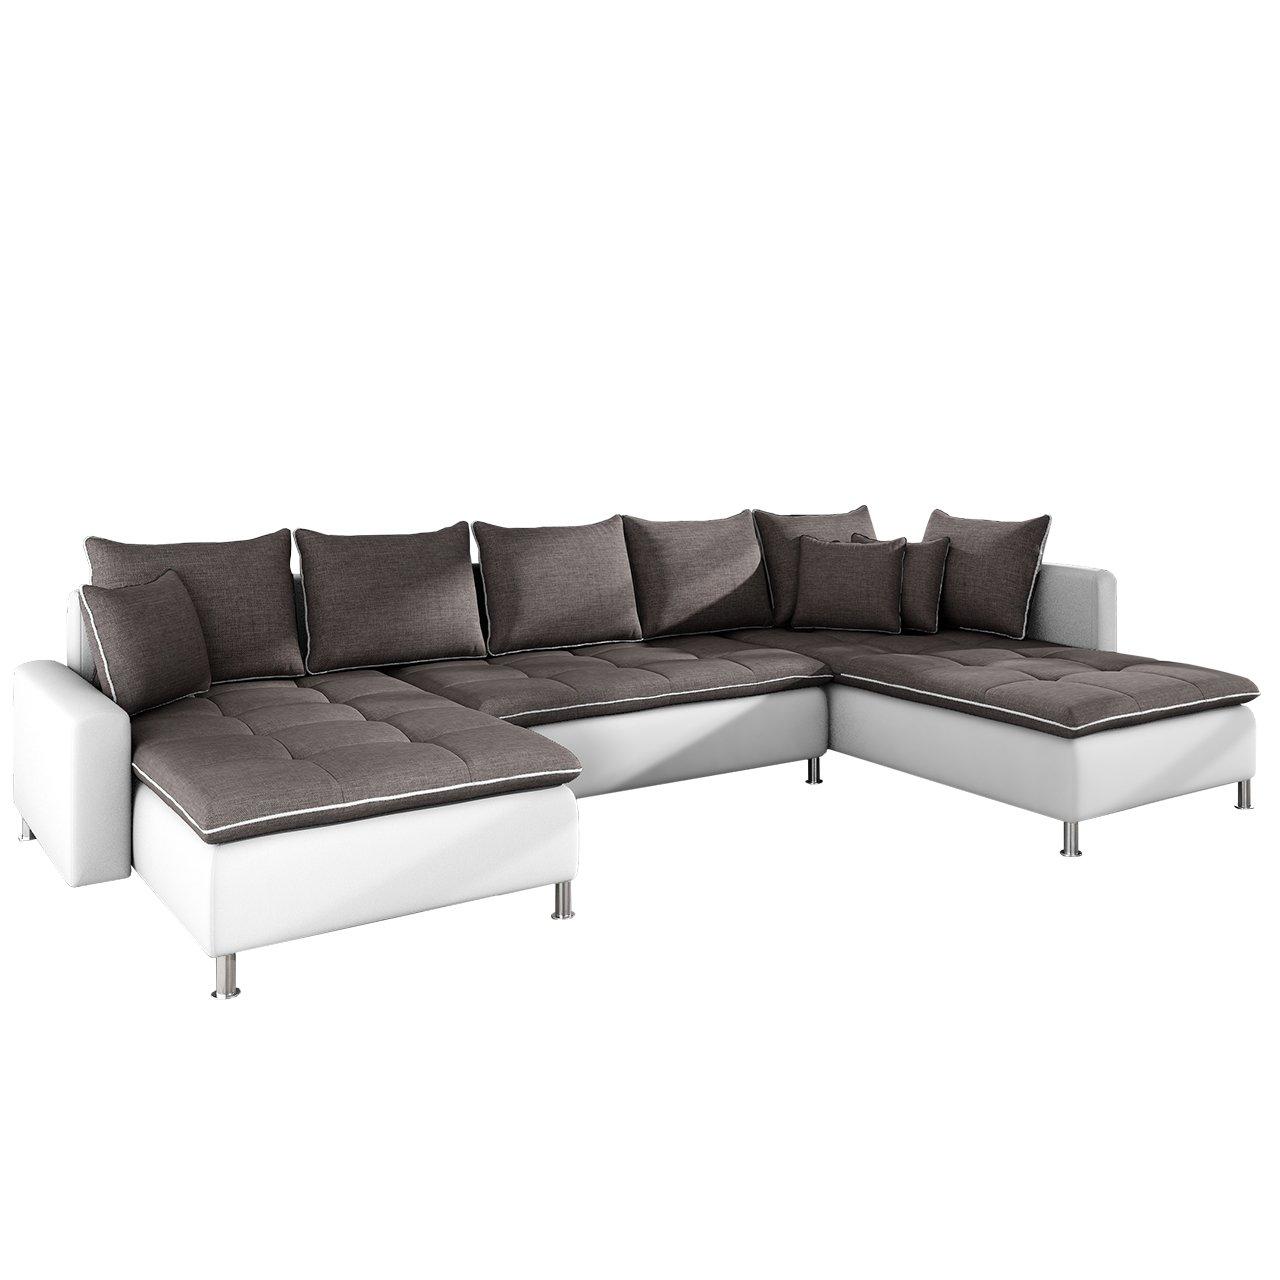 Moderne Ecksofa Cado Smart Design U Form Couch Polsterecke